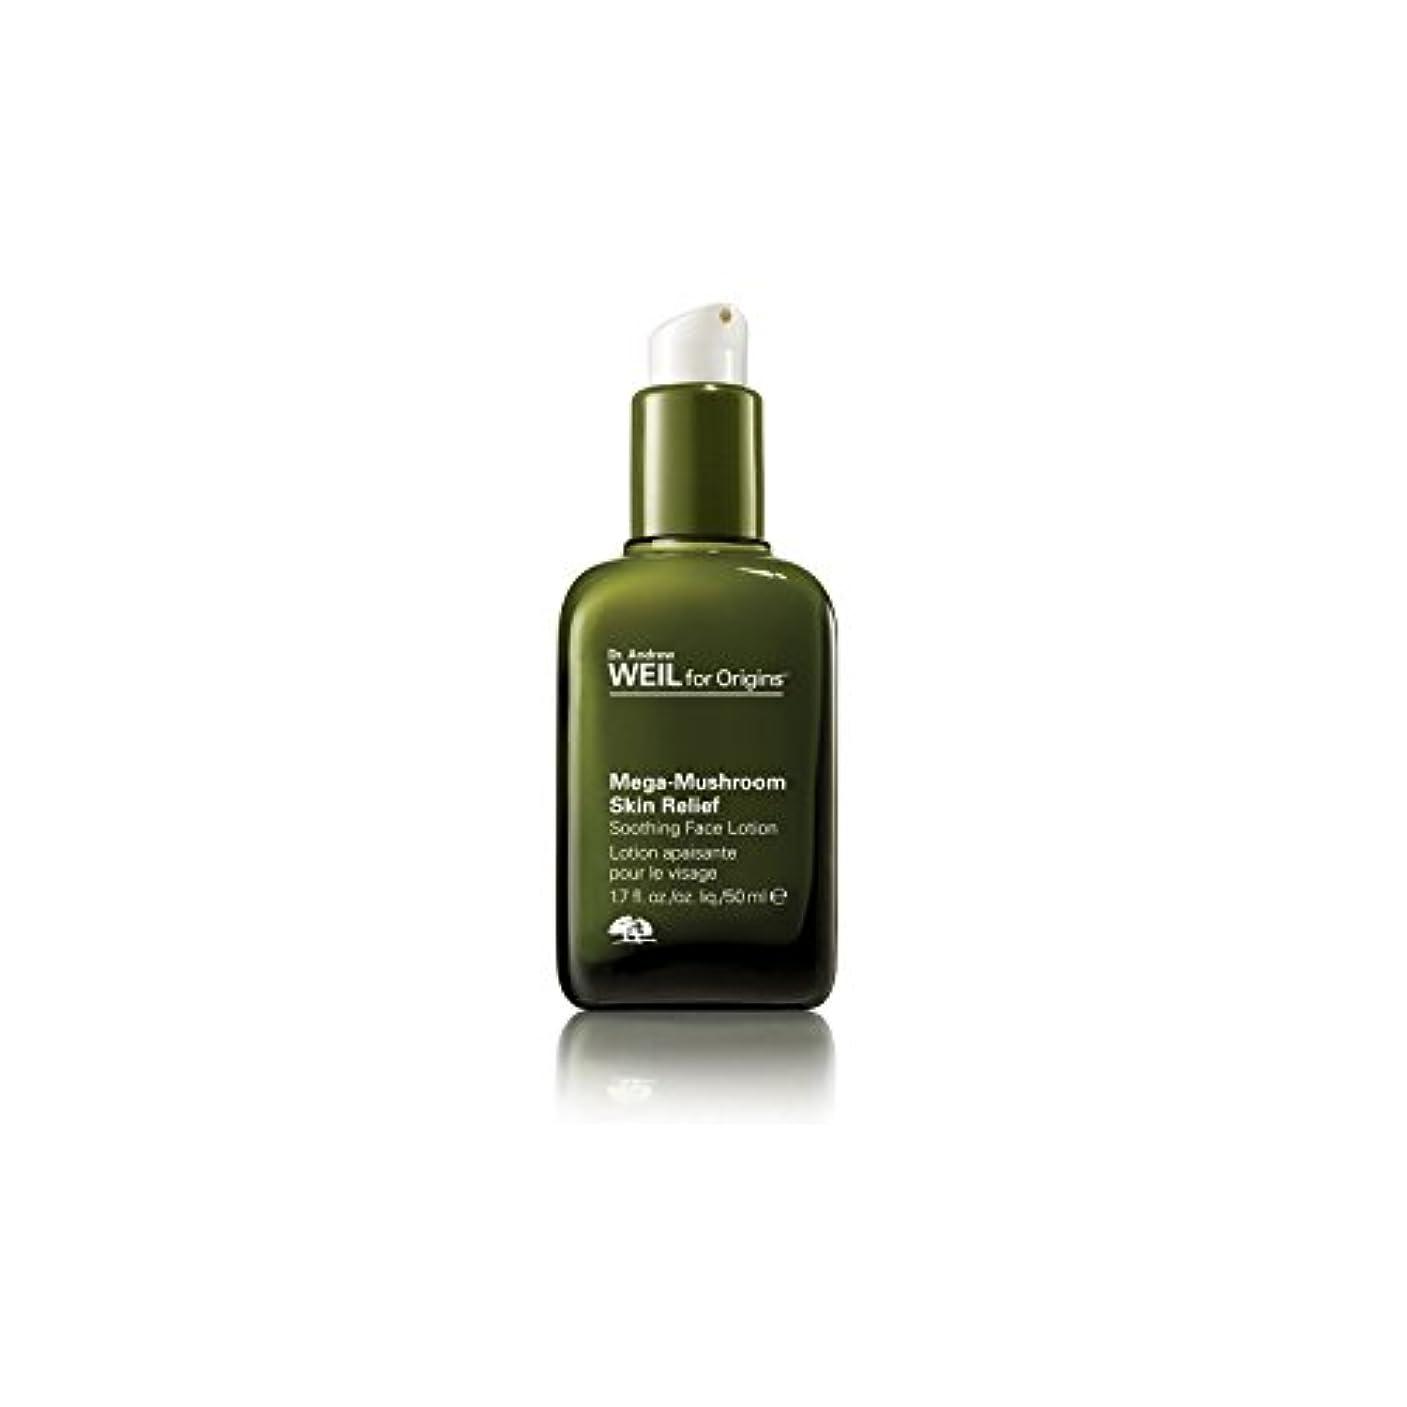 植物学者ベット惨めなOrigins Dr. Andrew Weil For Origins Mega-Mushroom Skin Relief Soothing Face Lotion 50ml (Pack of 6) - 起源アンドルー?ワイル...